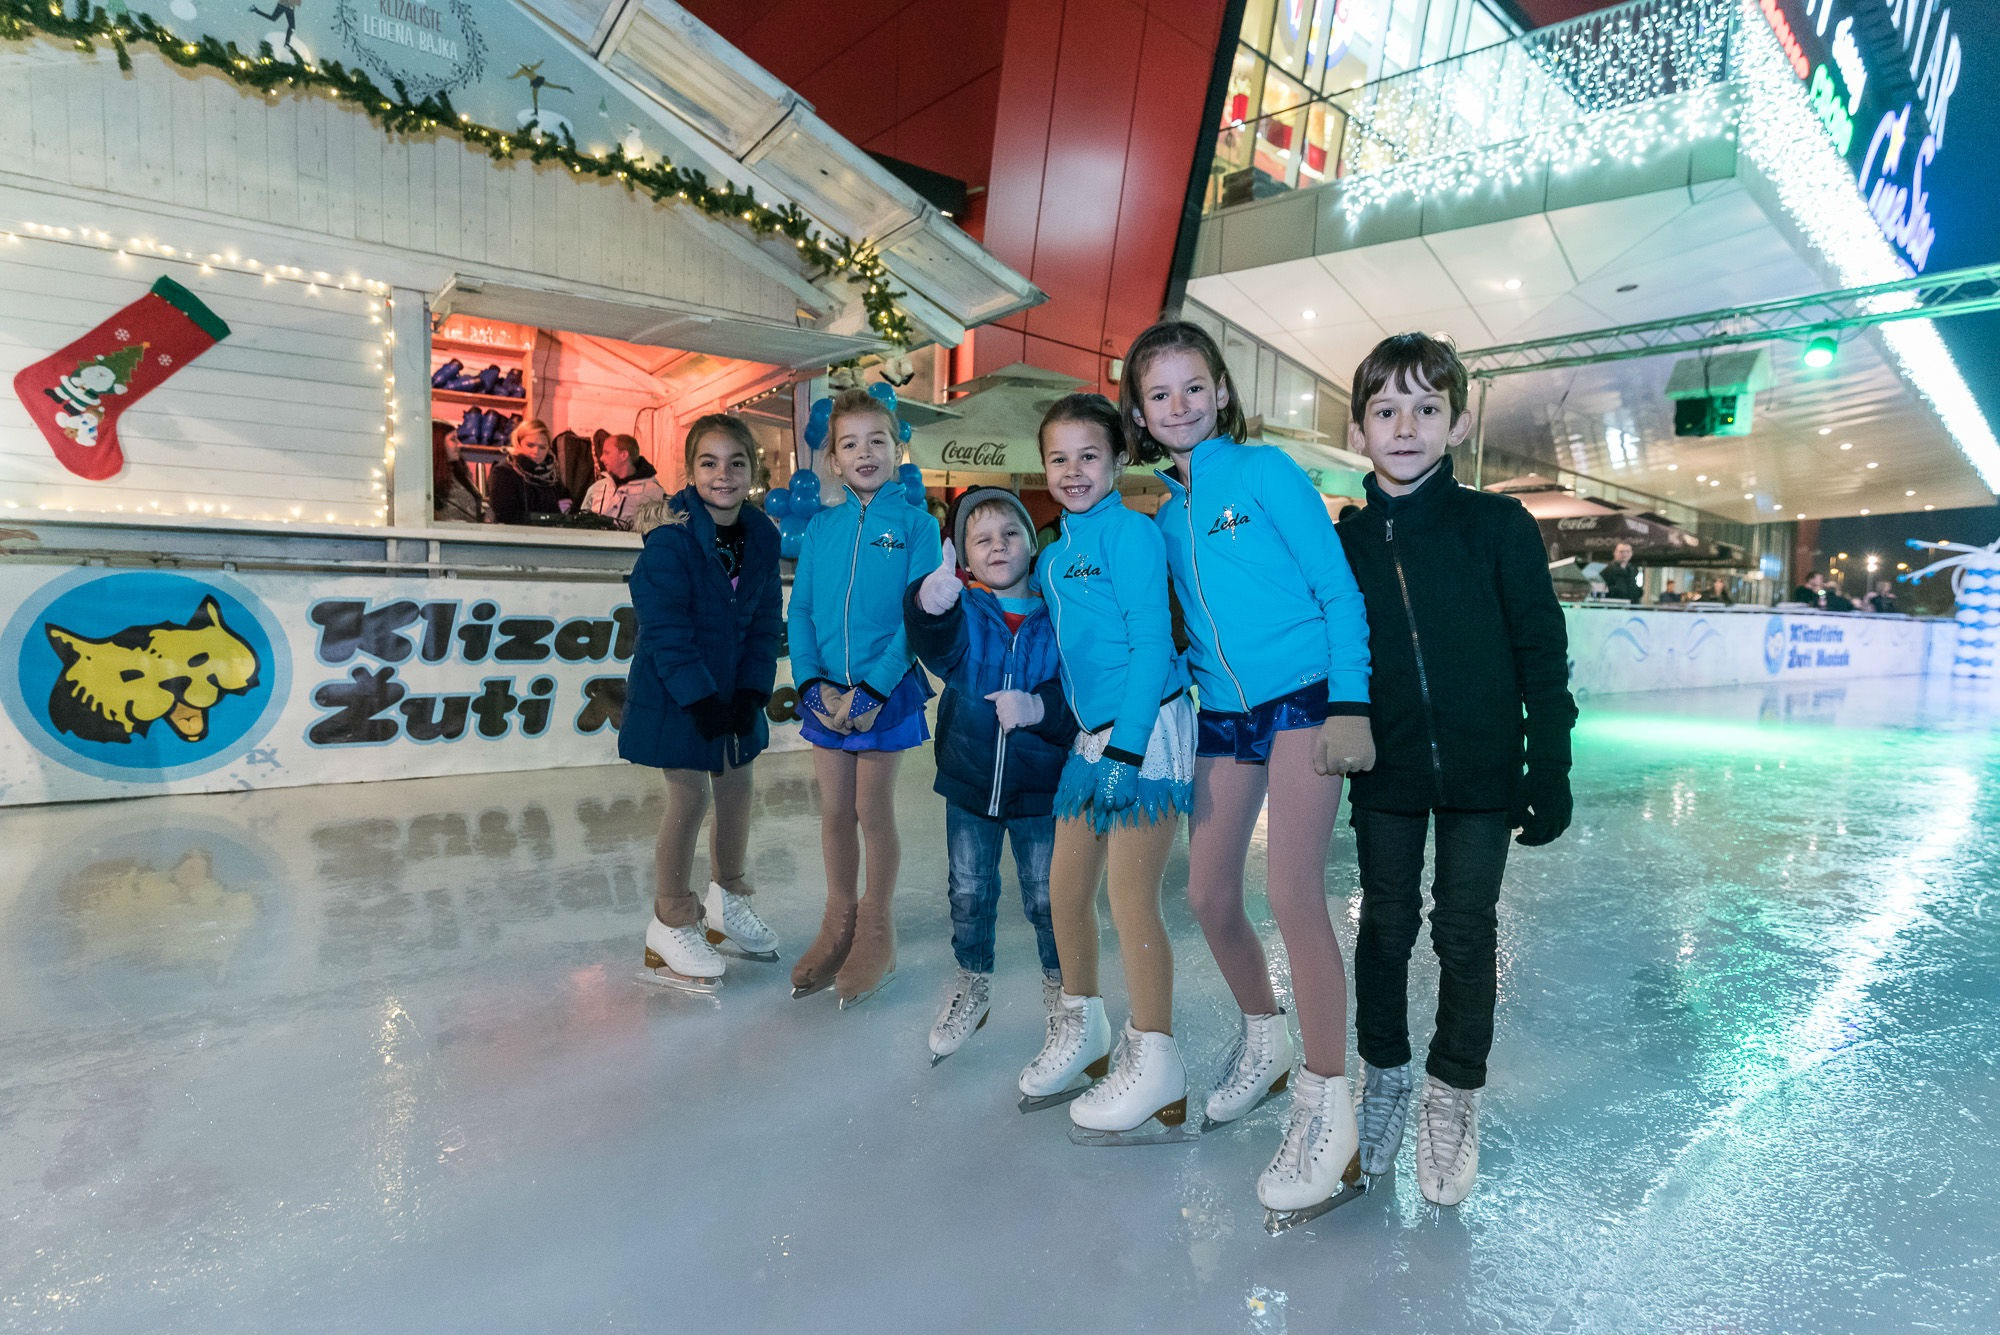 mlade-nade-skating-kluba-leda